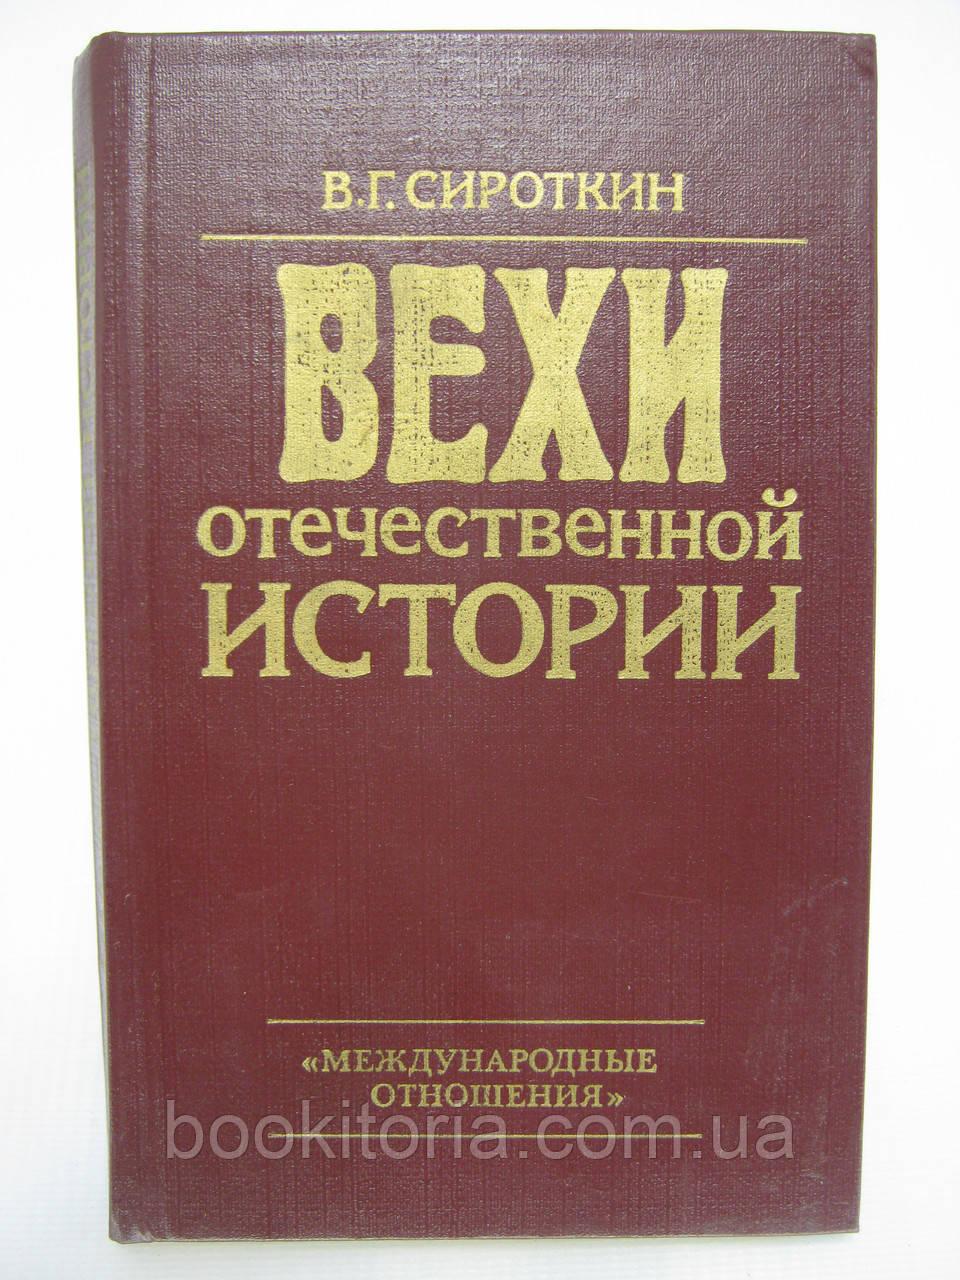 Сироткин В.Г. Вехи отечественной истории (б/у).